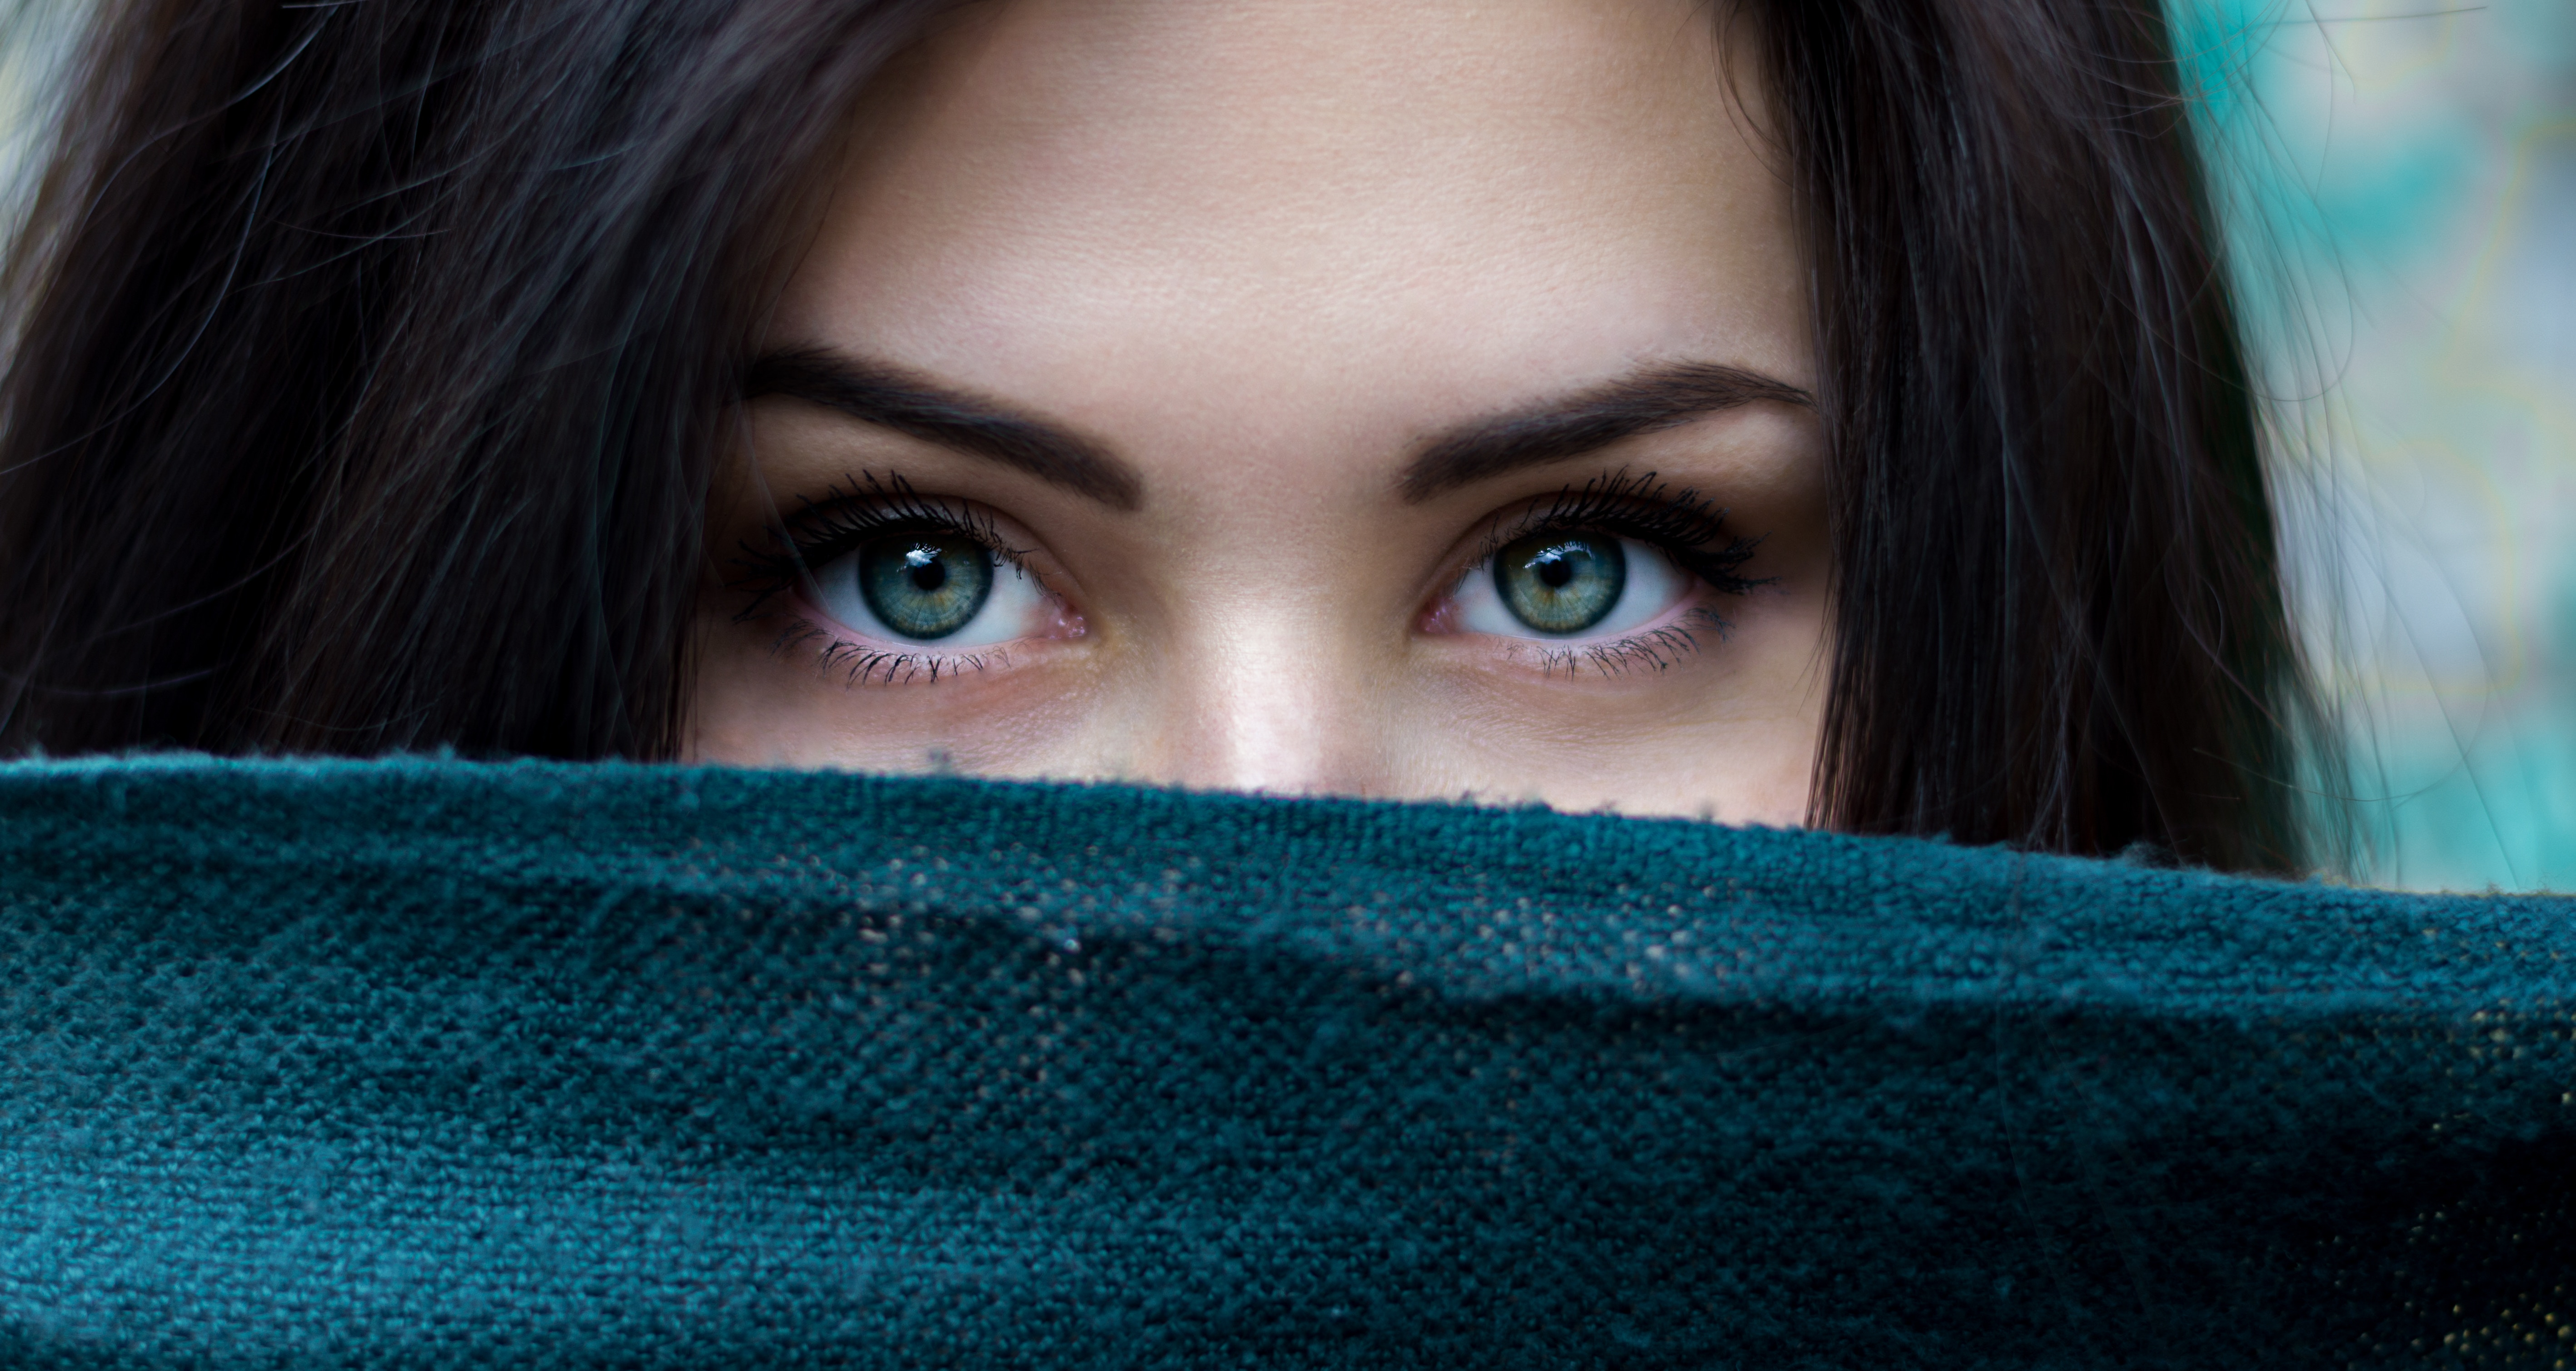 補充葉黃素保養眼睛